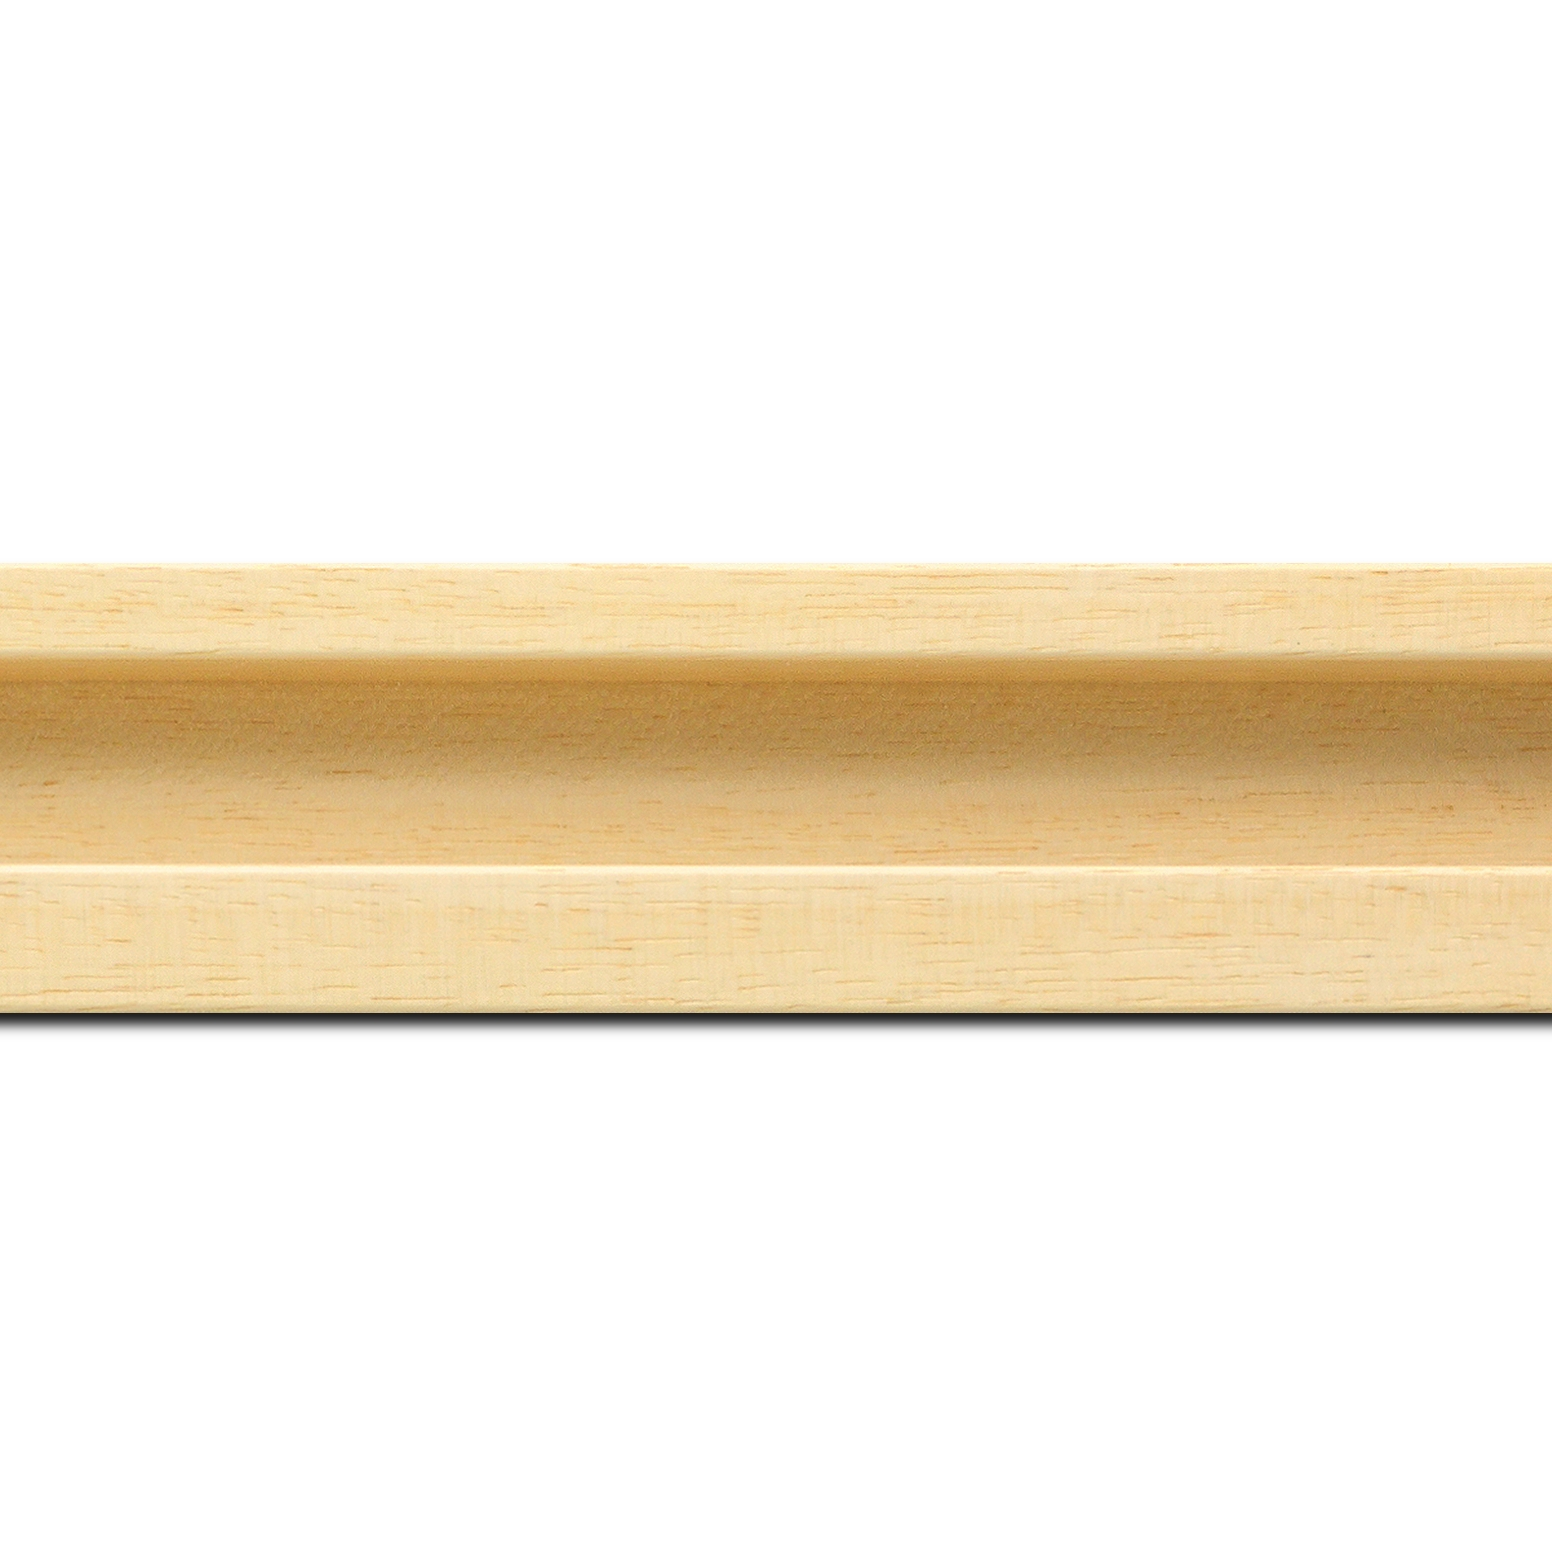 Baguette longueur 1.40m bois caisse américaine largeur 4.5cm naturel satiné (spécialement concu pour les supports papier necessitant une protection et un isorel assurant le maintien de l'ensemble  : le sujet se met à l'intérieur du cadre ) profil en u